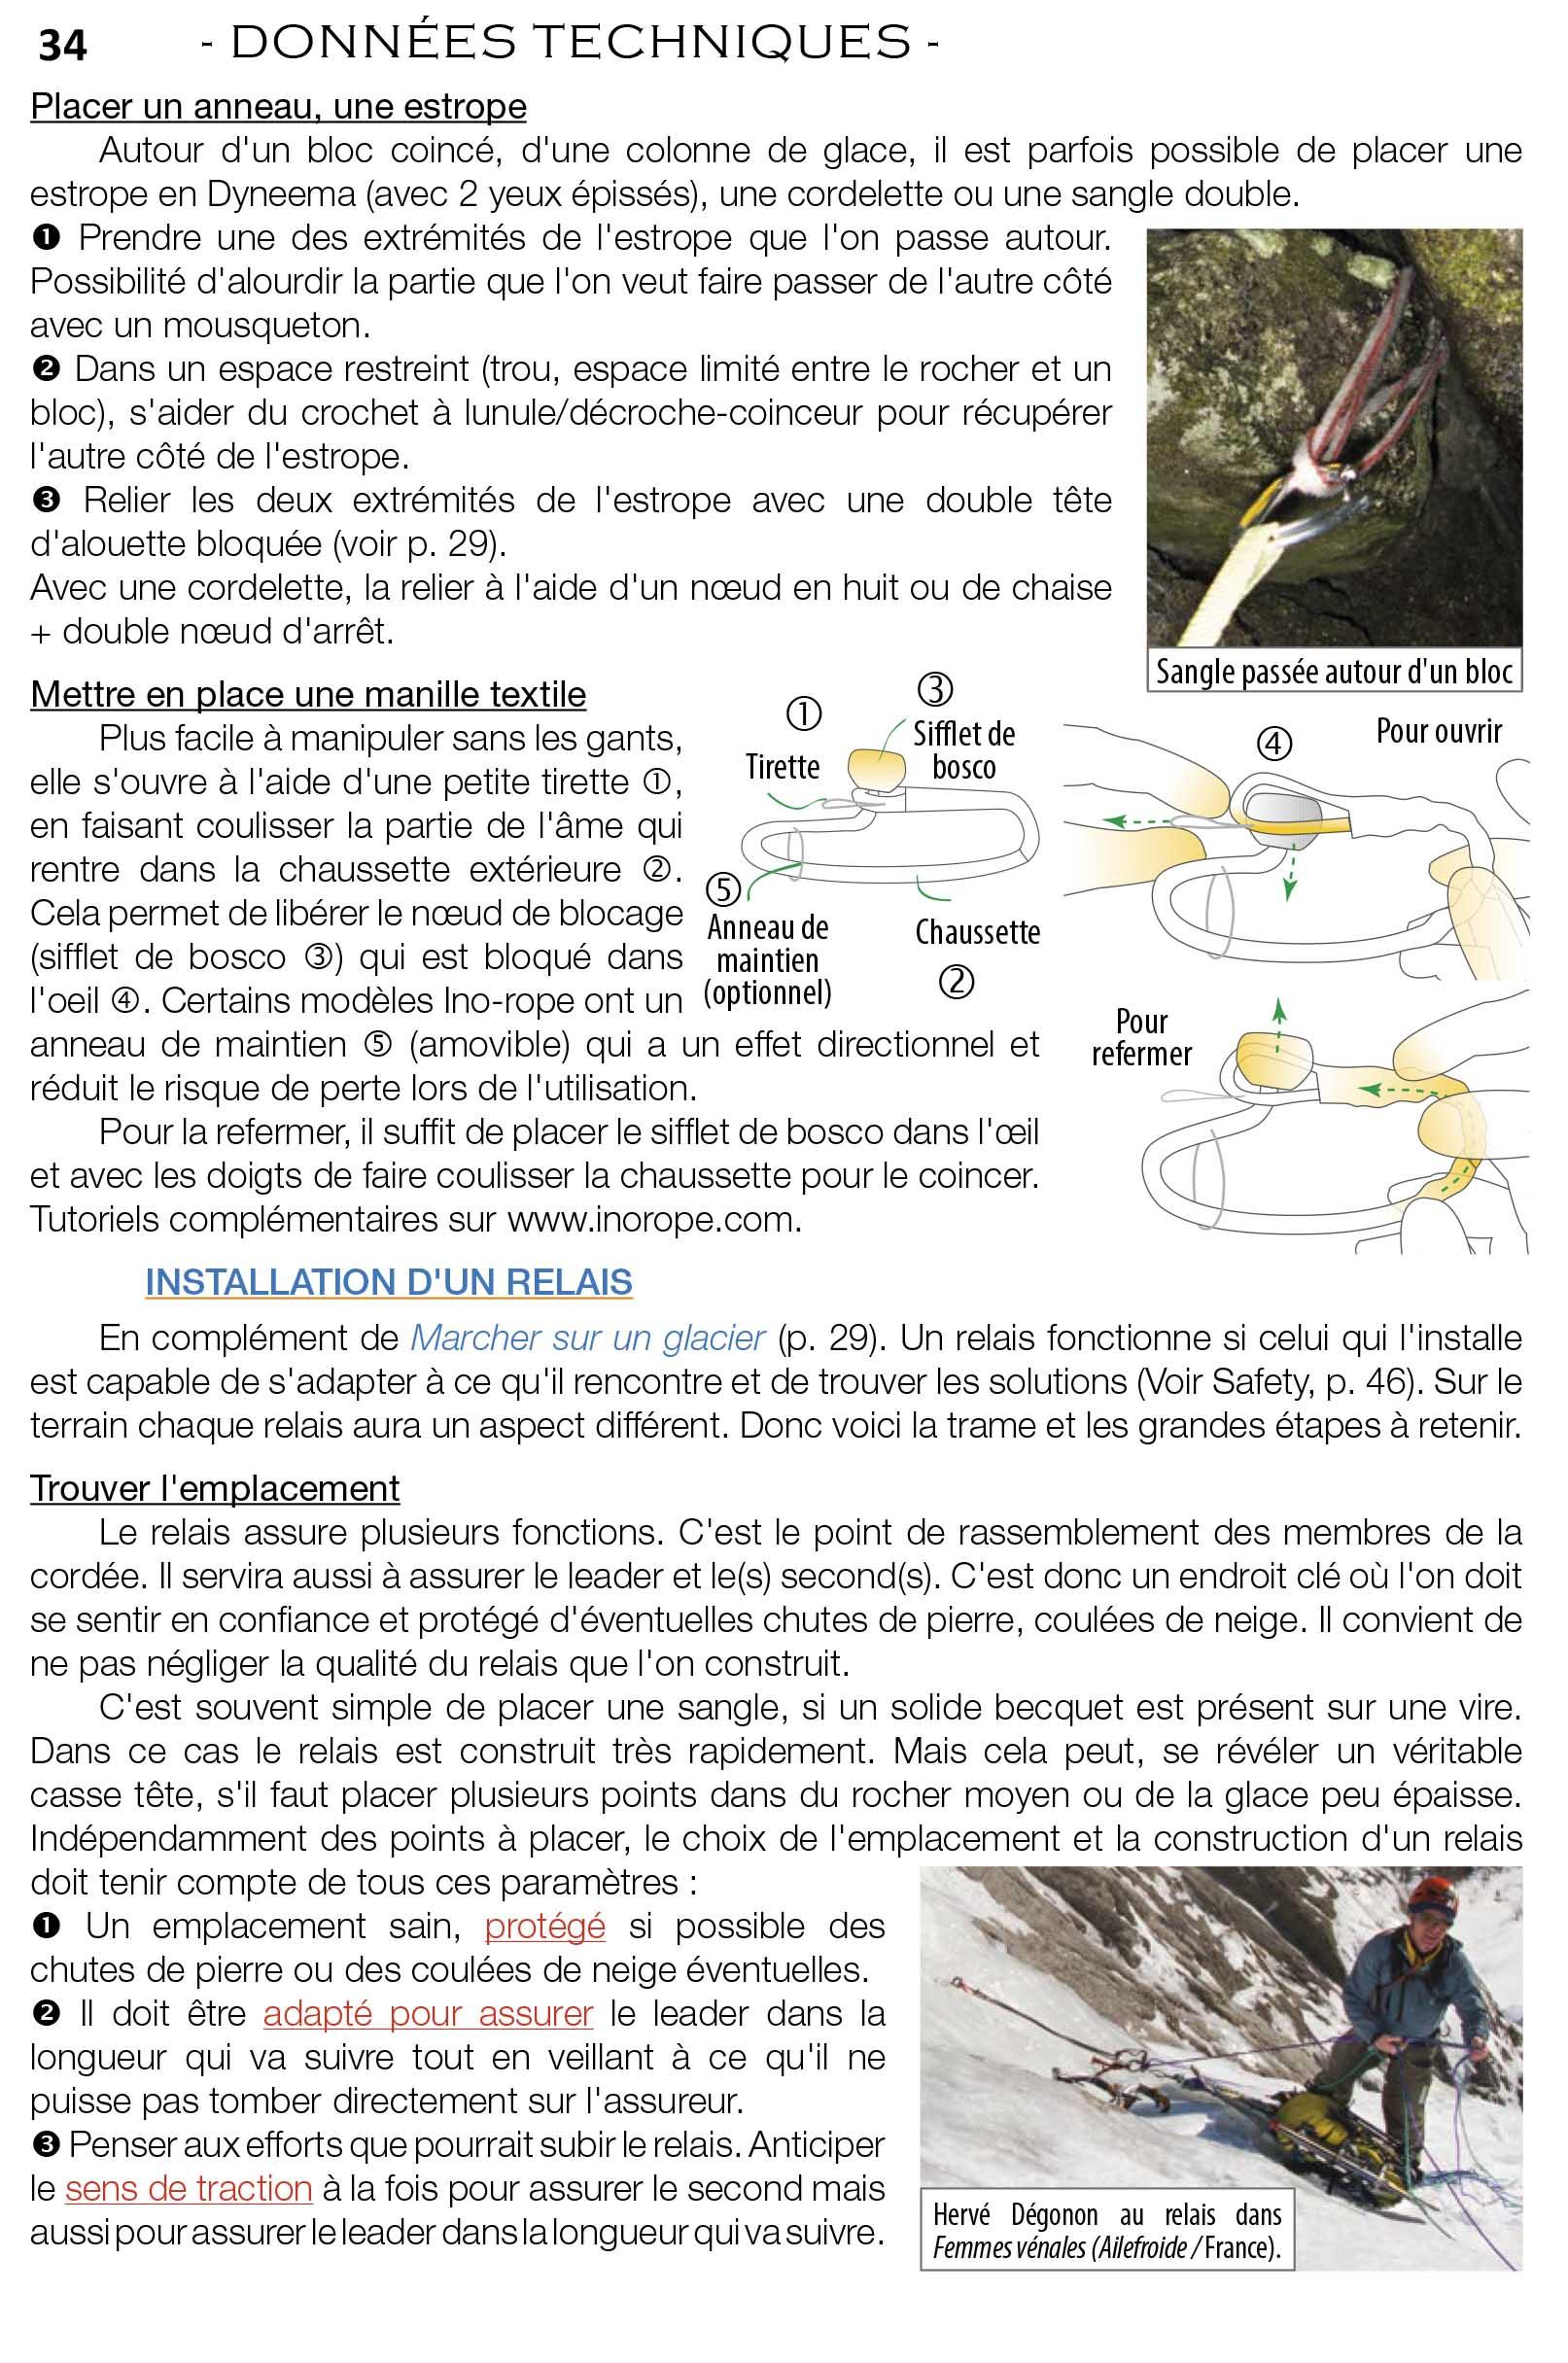 Mountain Essentials - manuel pedagogique techniques alpinisme - technique securite cascade de glace goulotte couloir mixte arete